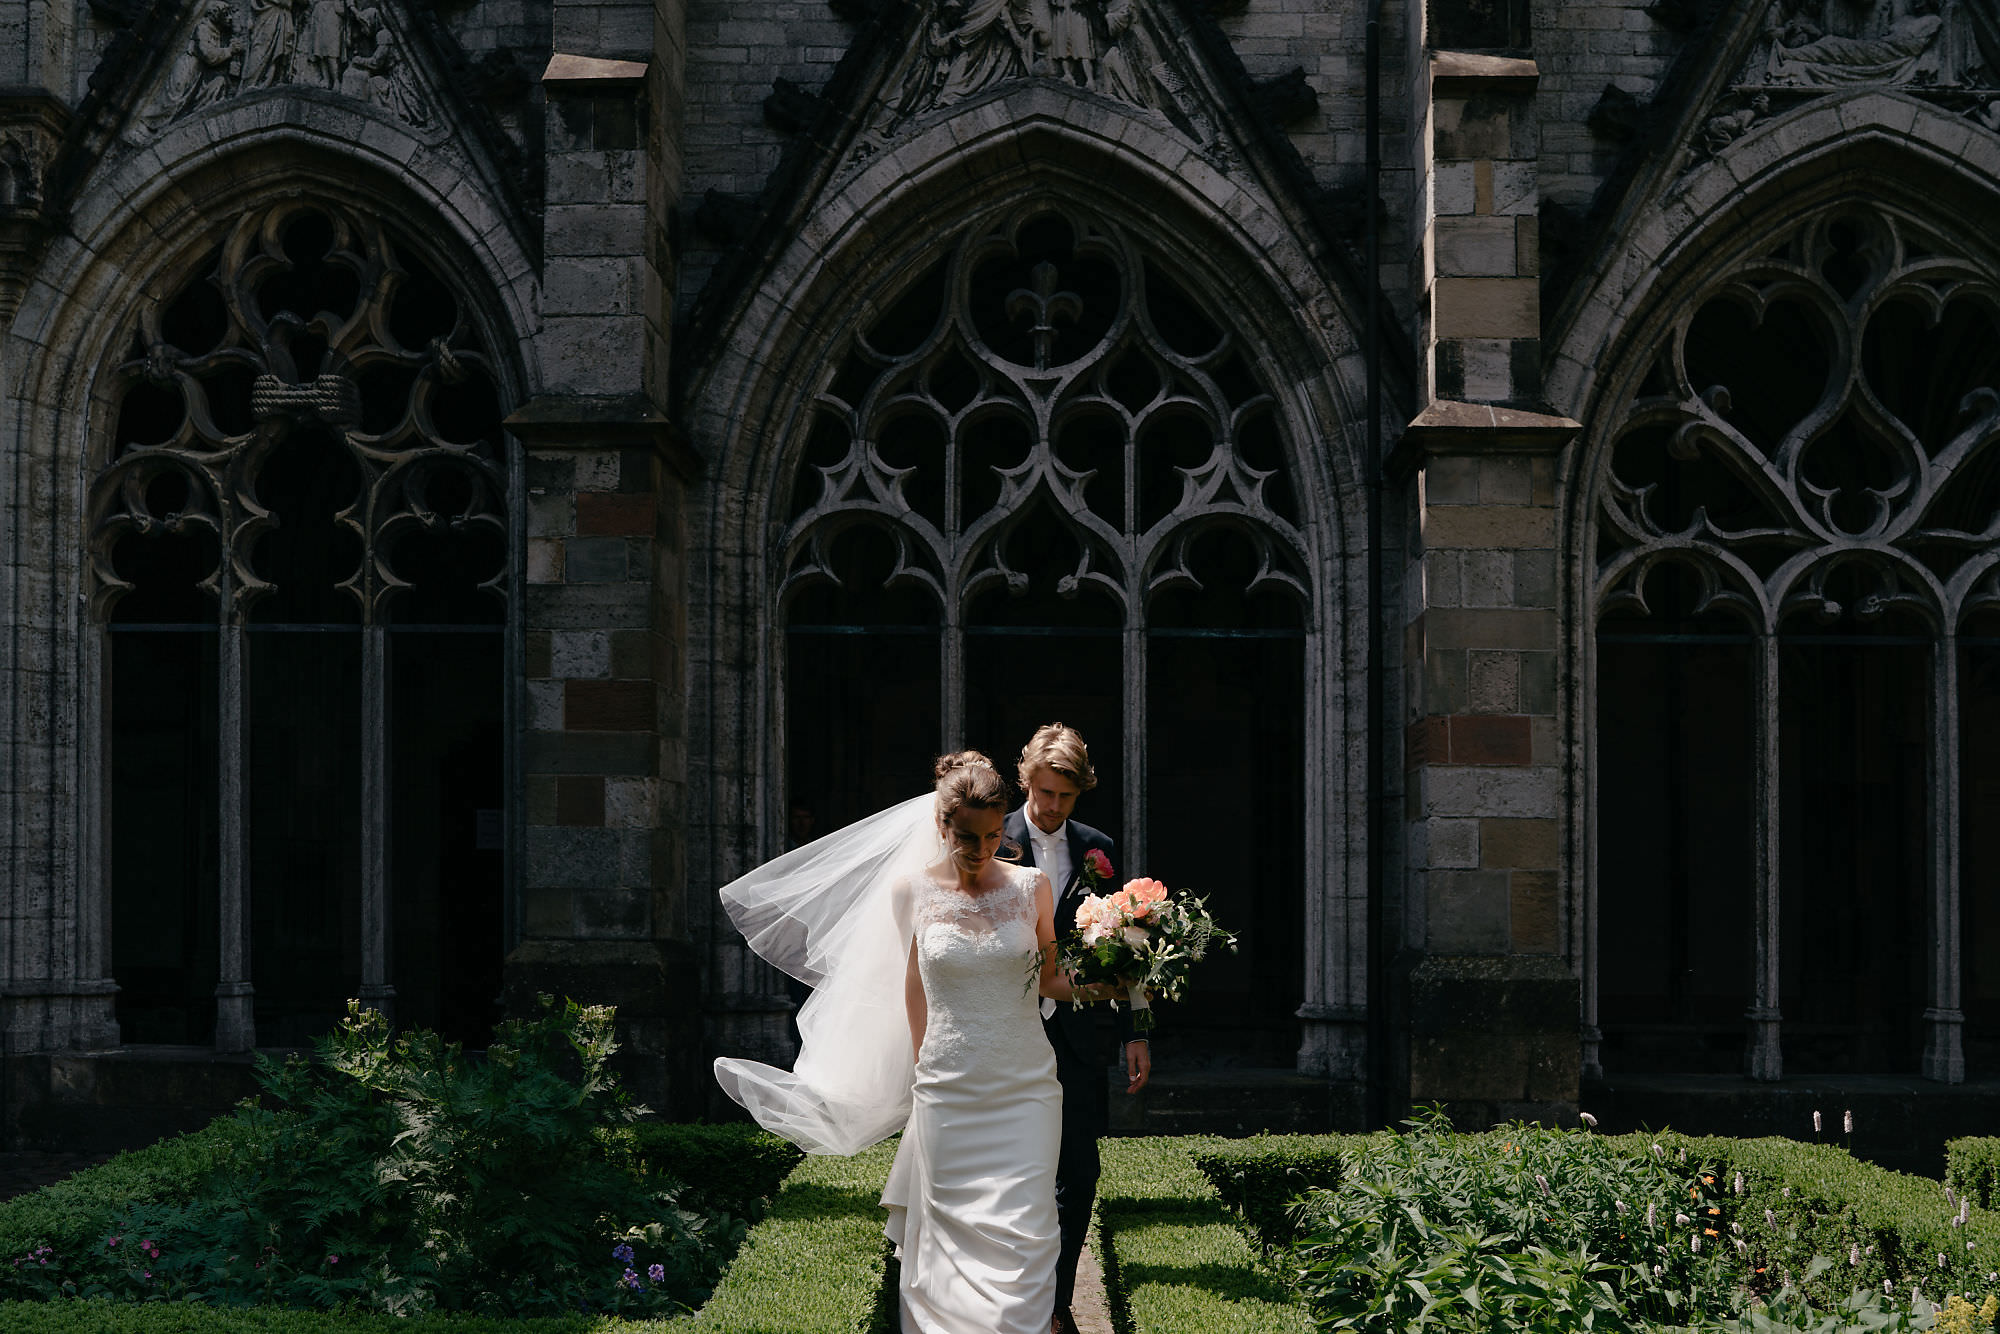 bruidspaar domtoren utrecht bruiloft fotografie utrecht en amsterdam